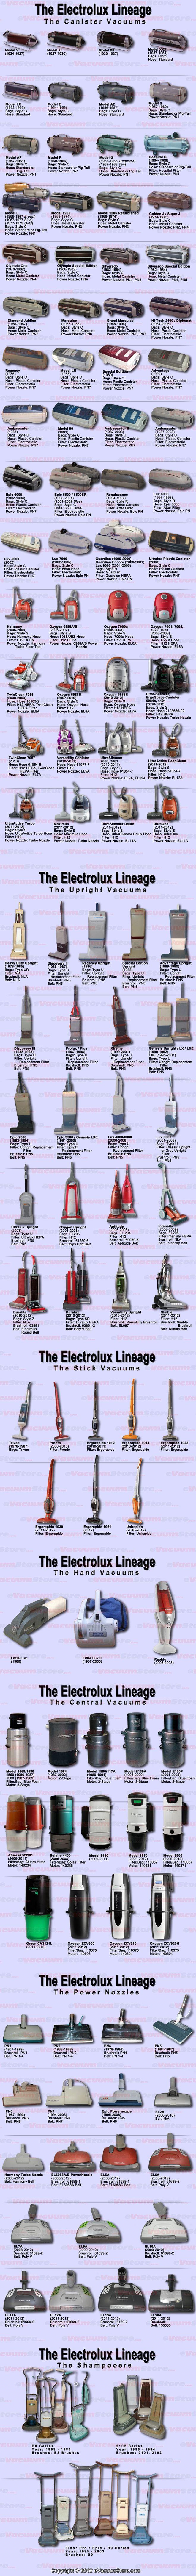 Electrolux Models